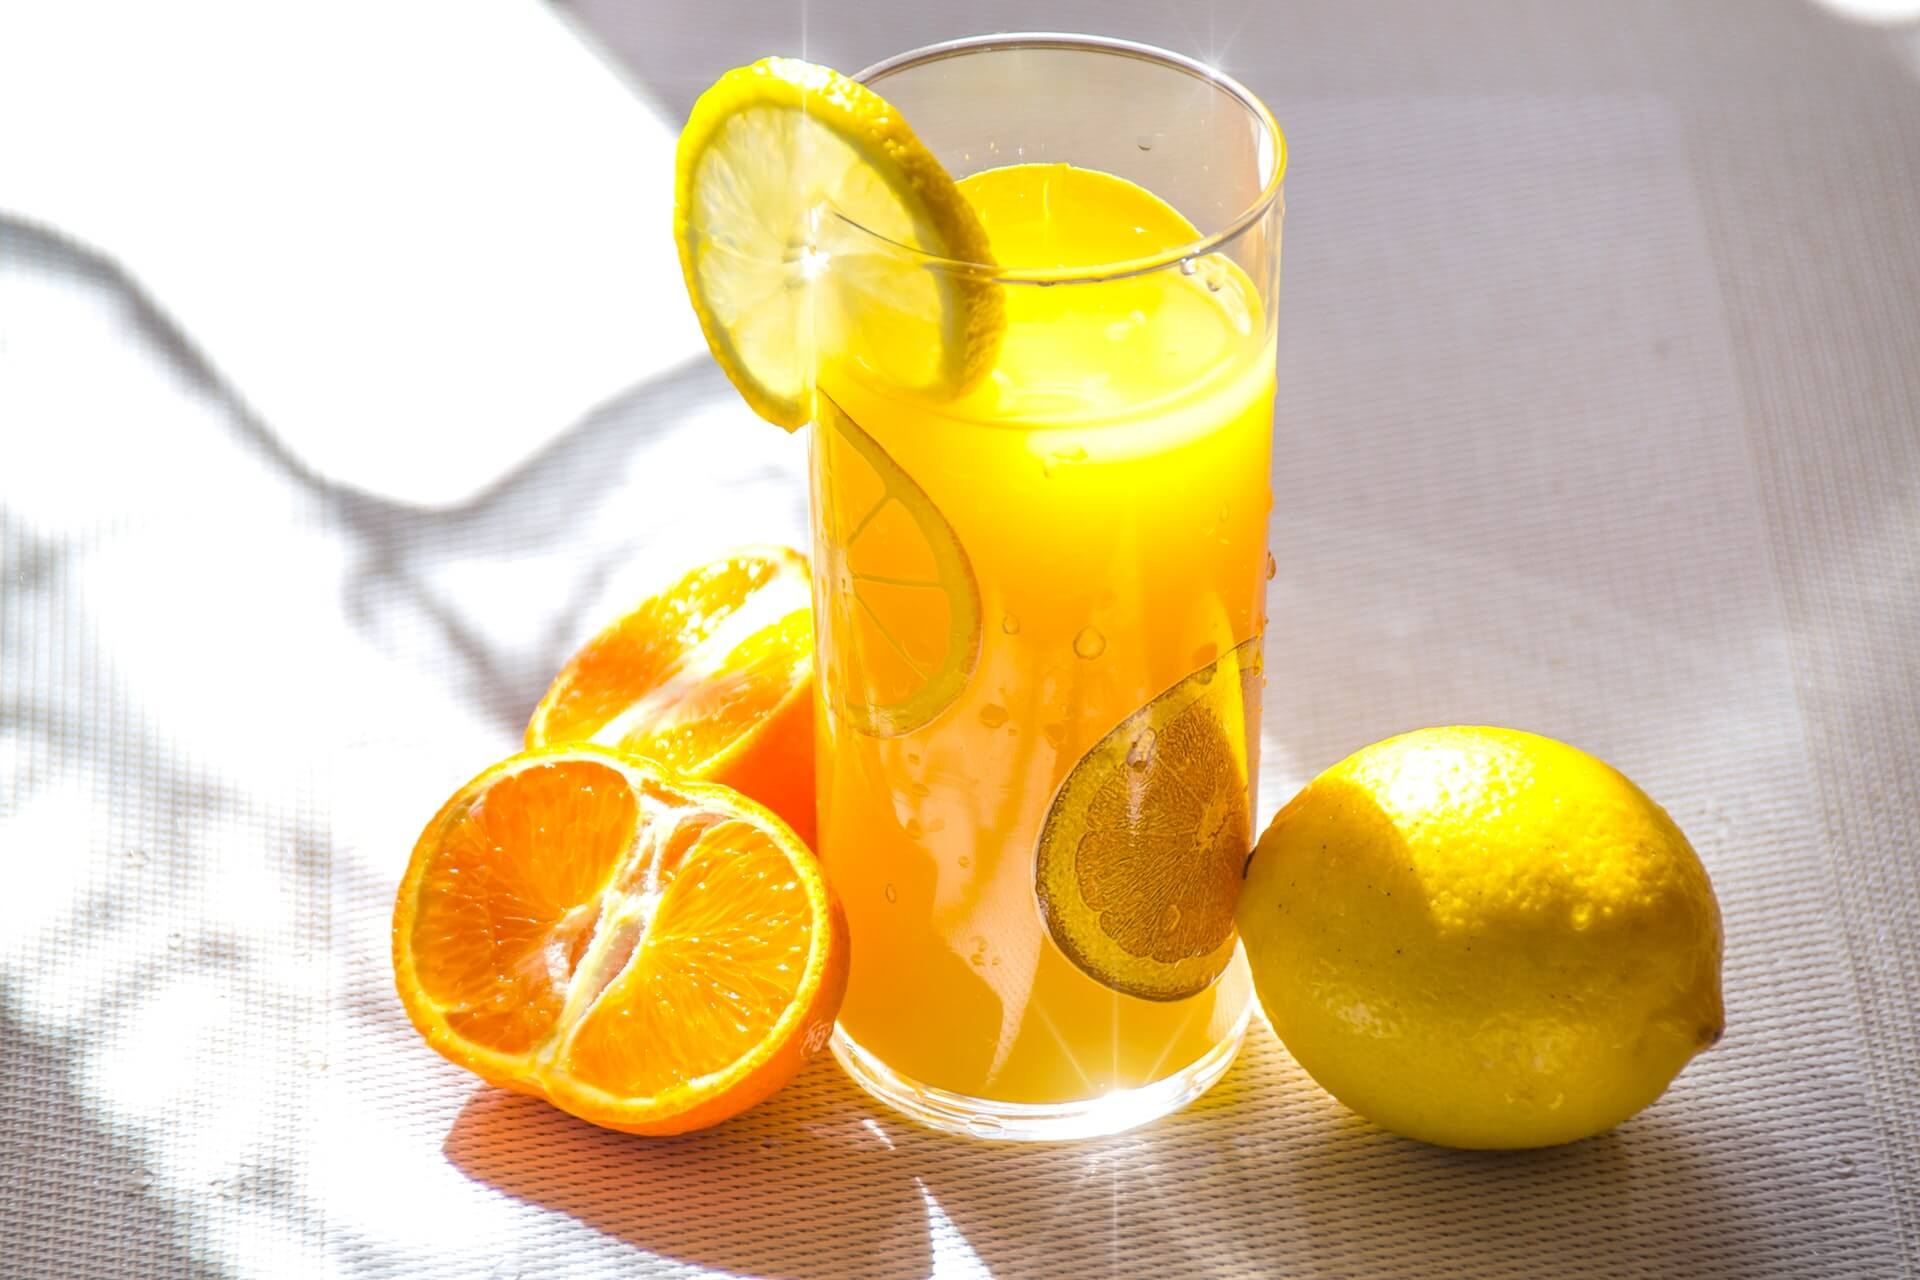 Jugos naturales: ¿Tan perjudiciales como las bebidas azucaradas?